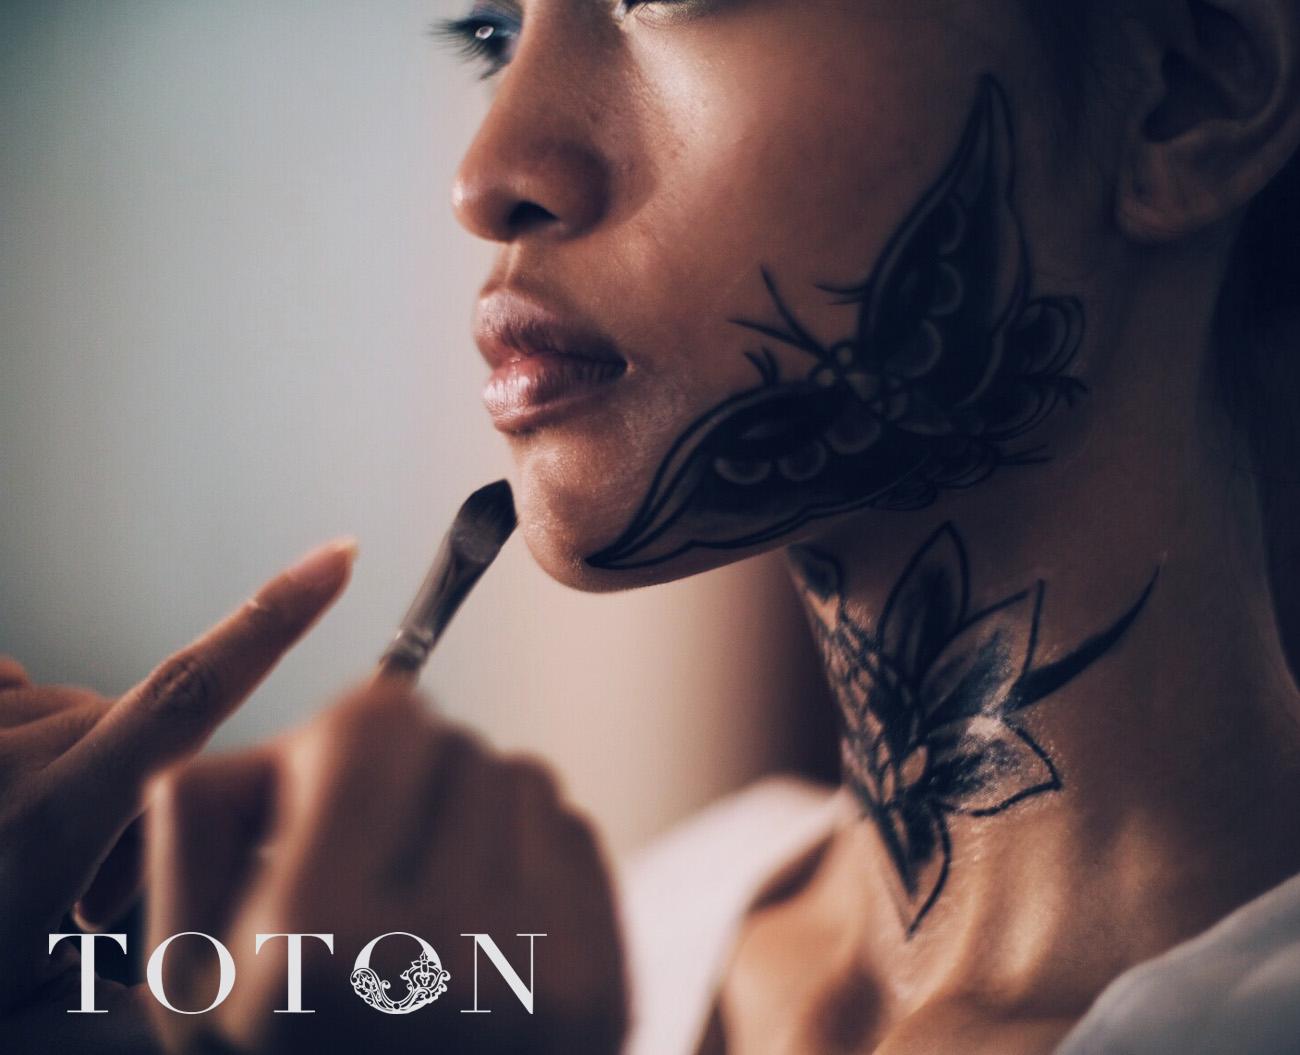 toton 1